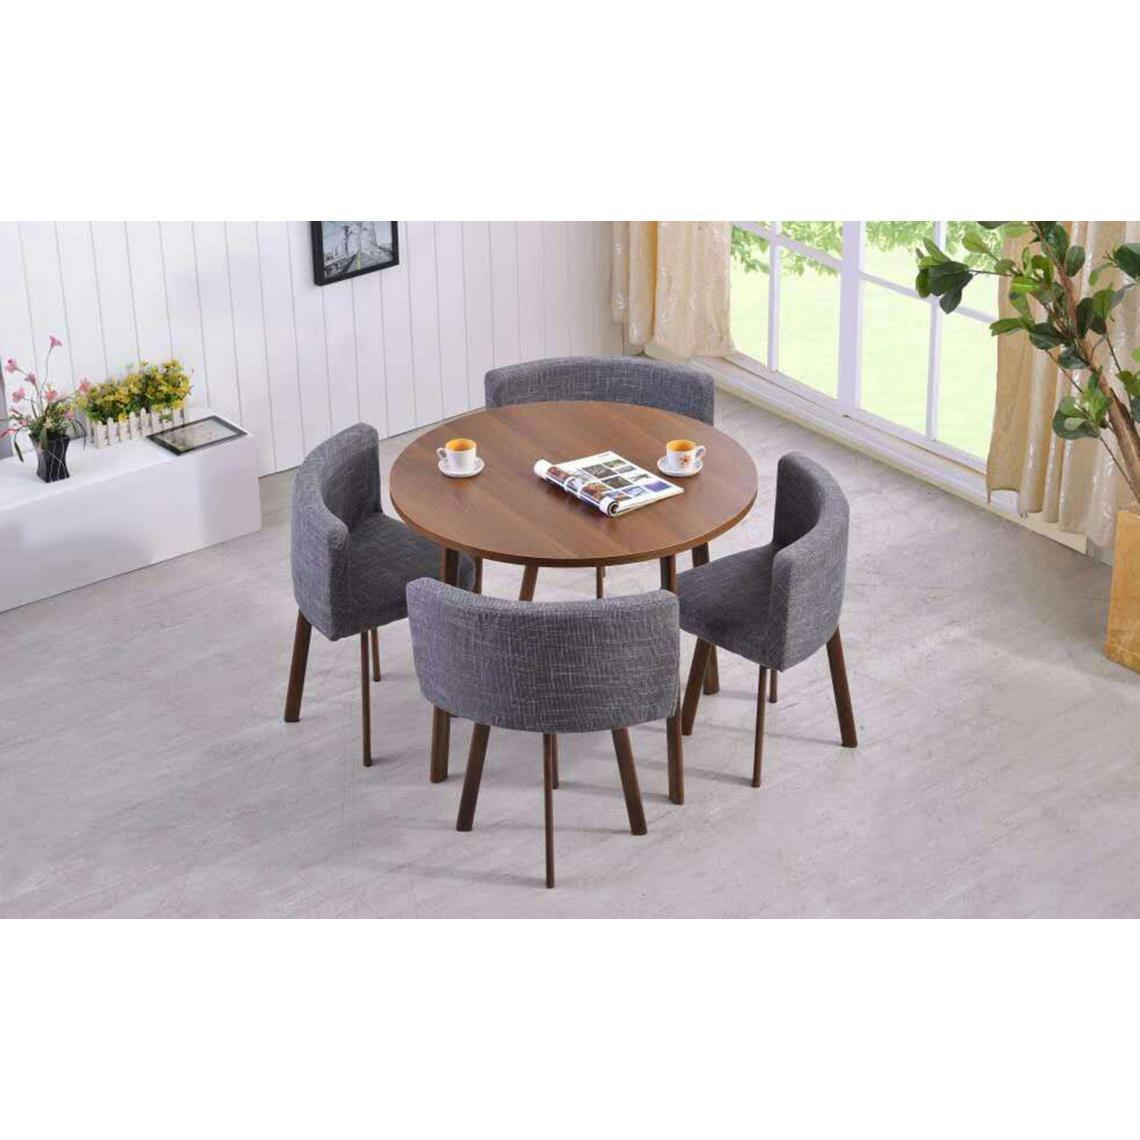 table ronde marron et chaises en tissu gris roissy